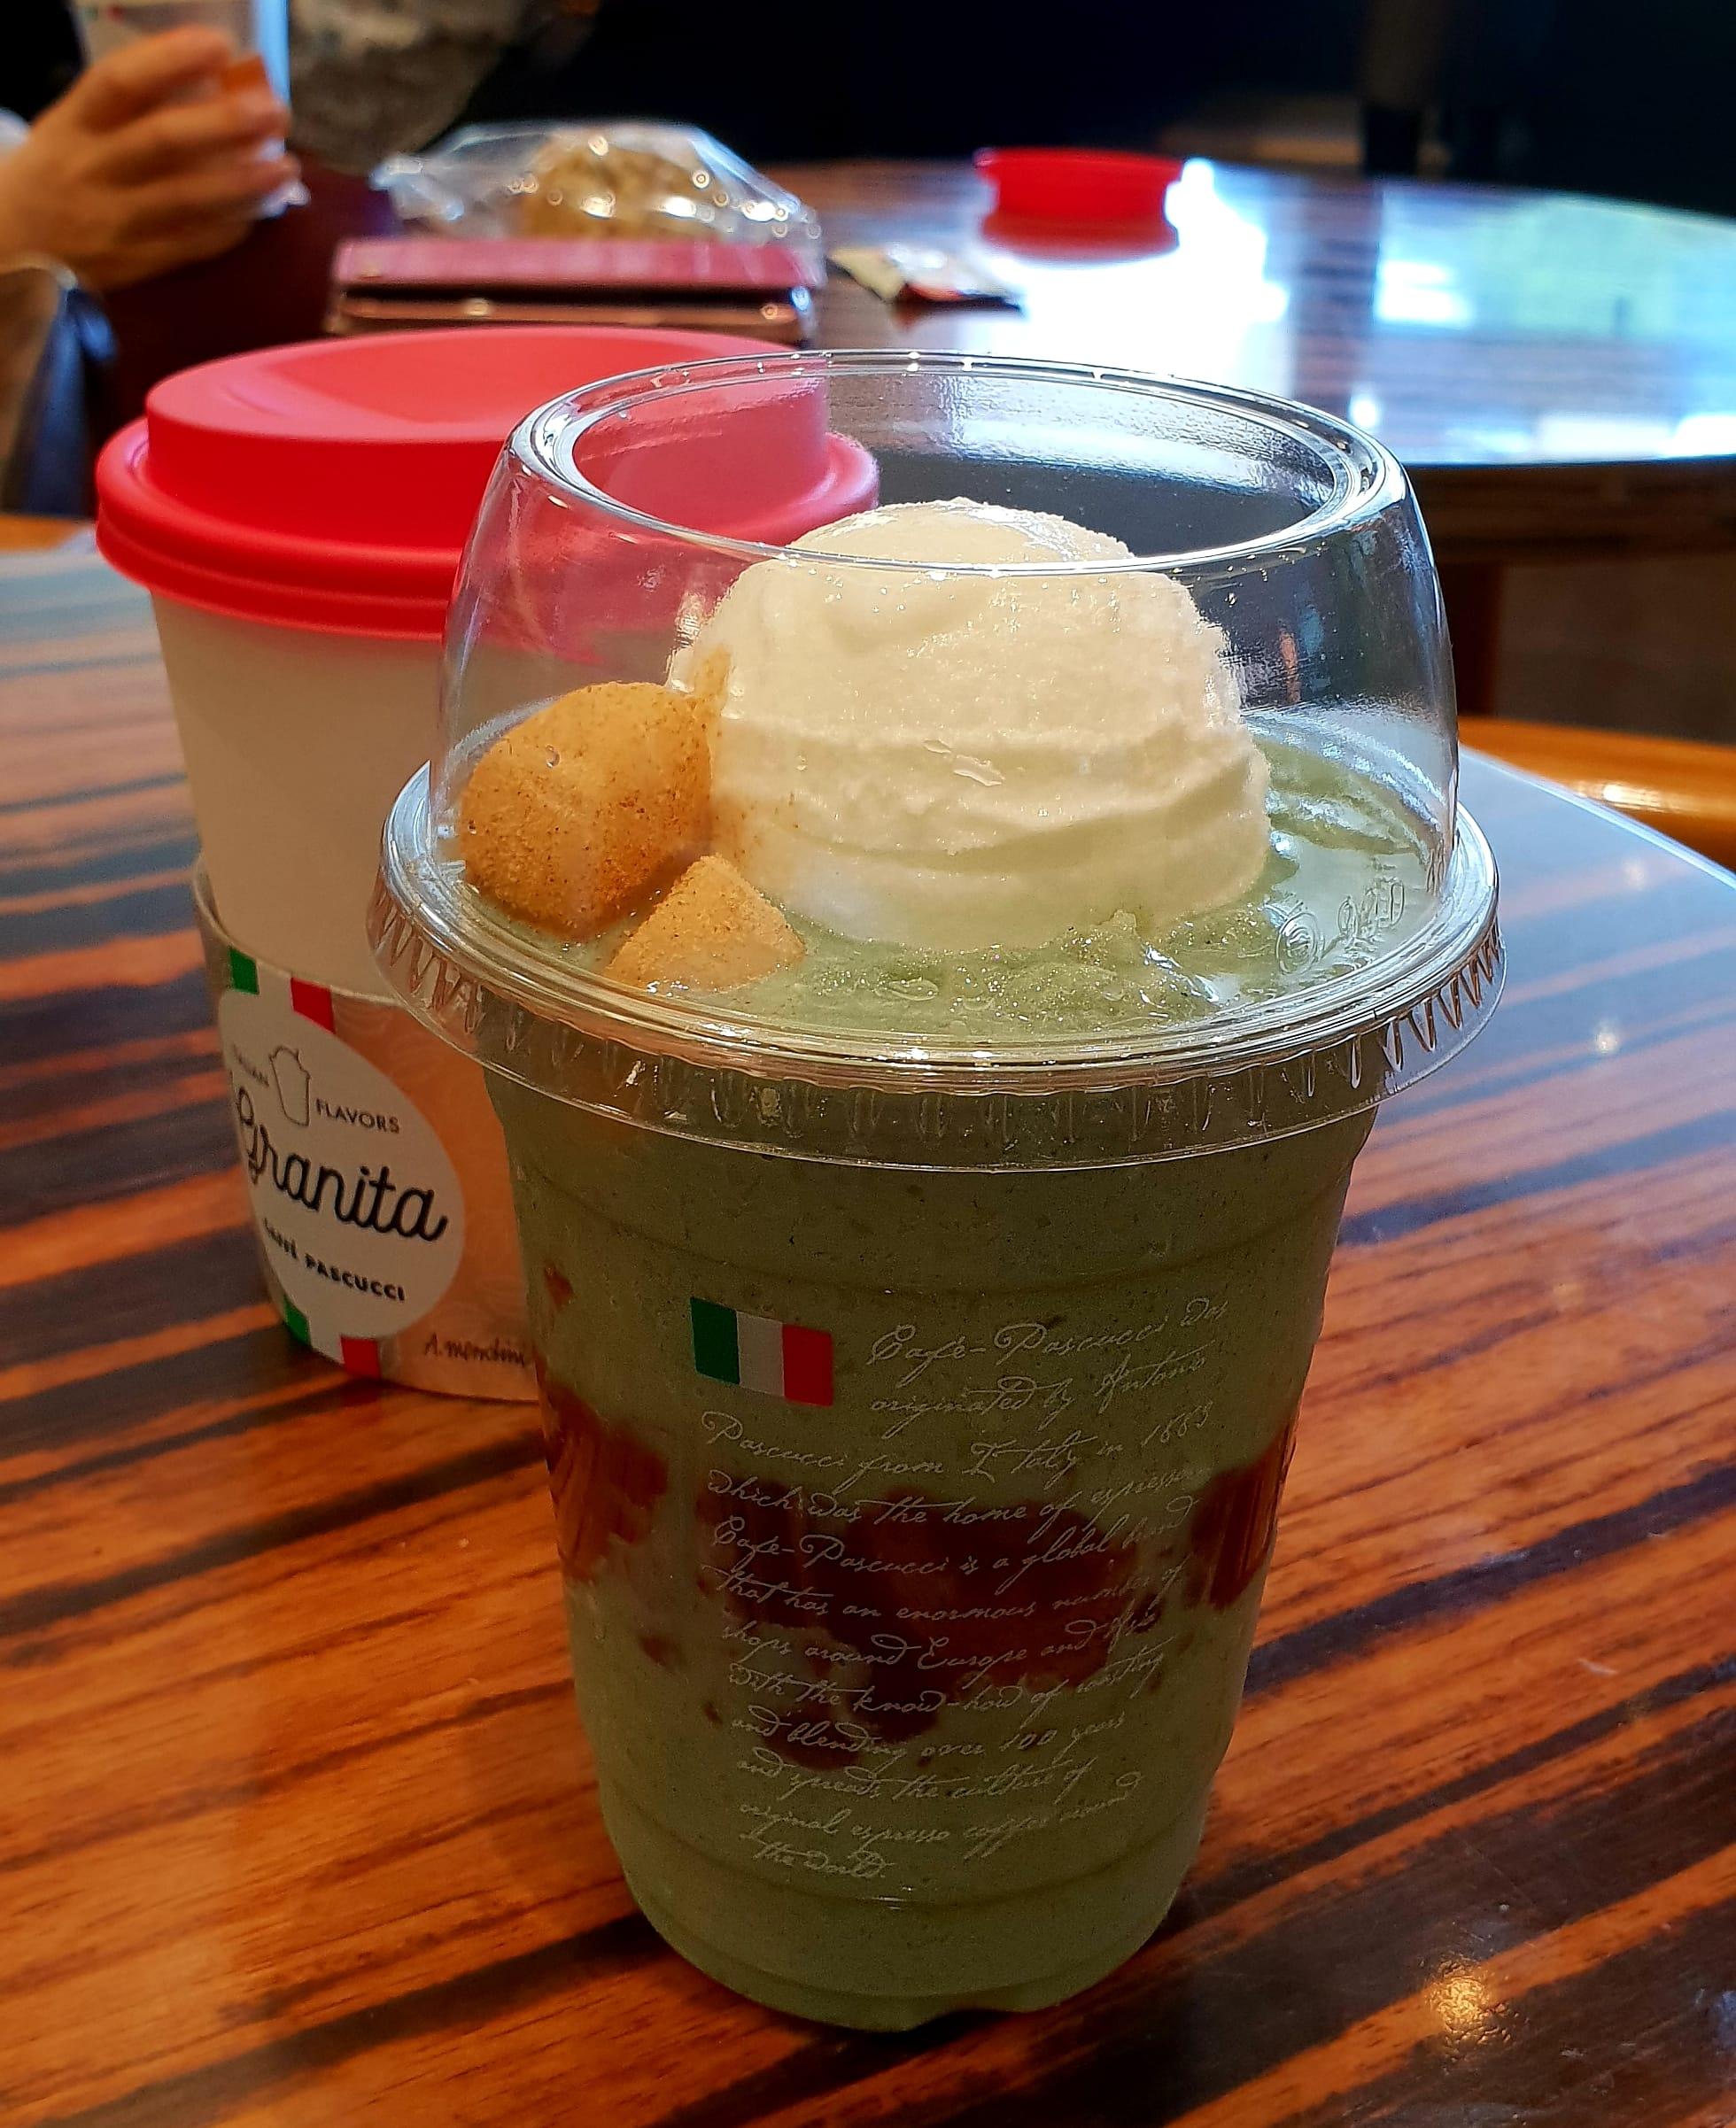 카페파스쿠치(Caffe Pascucci) 의 쑥인절미 그라니따